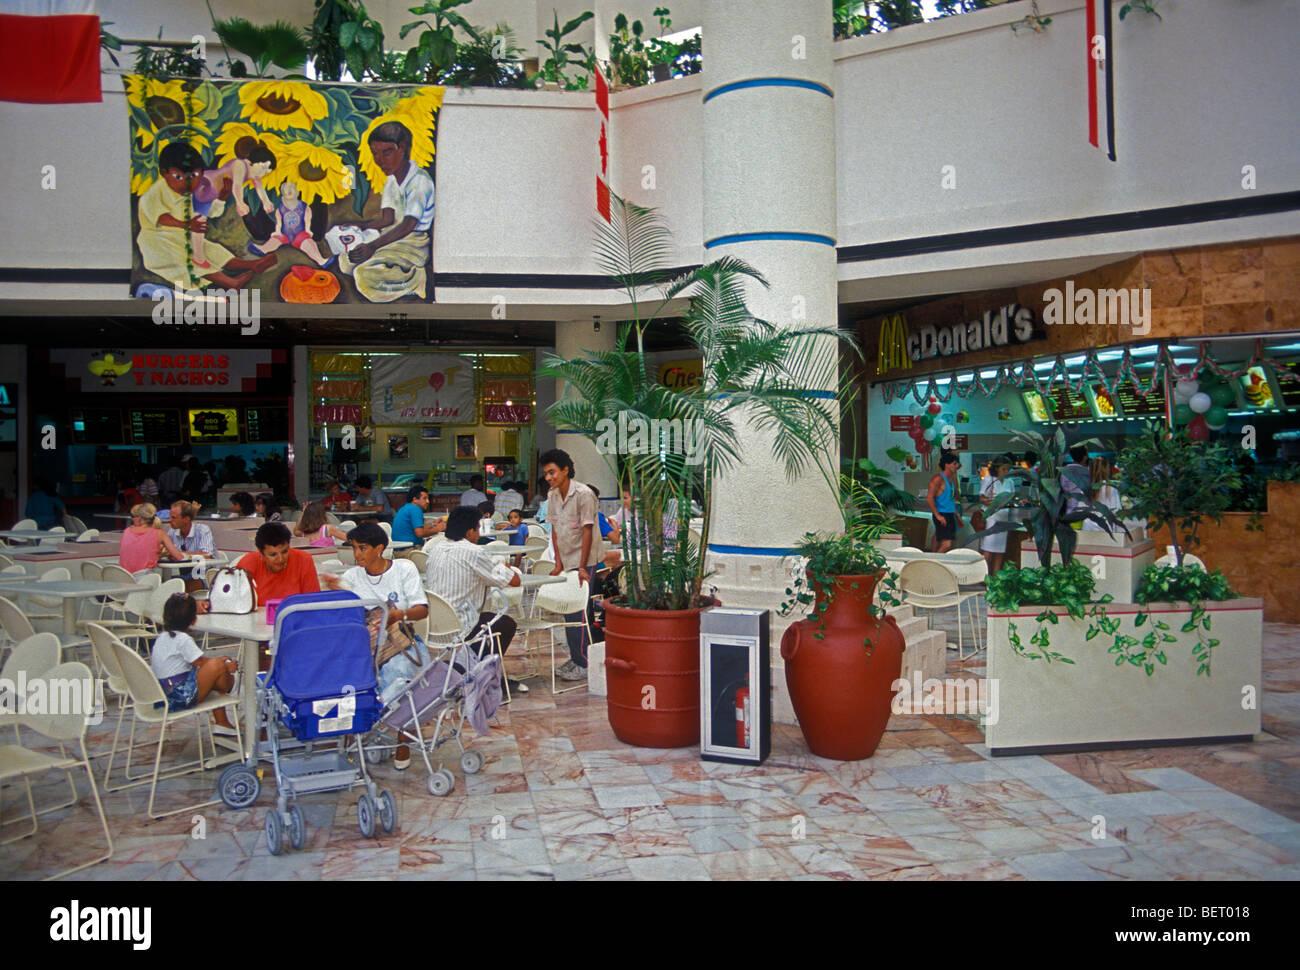 Peninsula Plaza Food Court